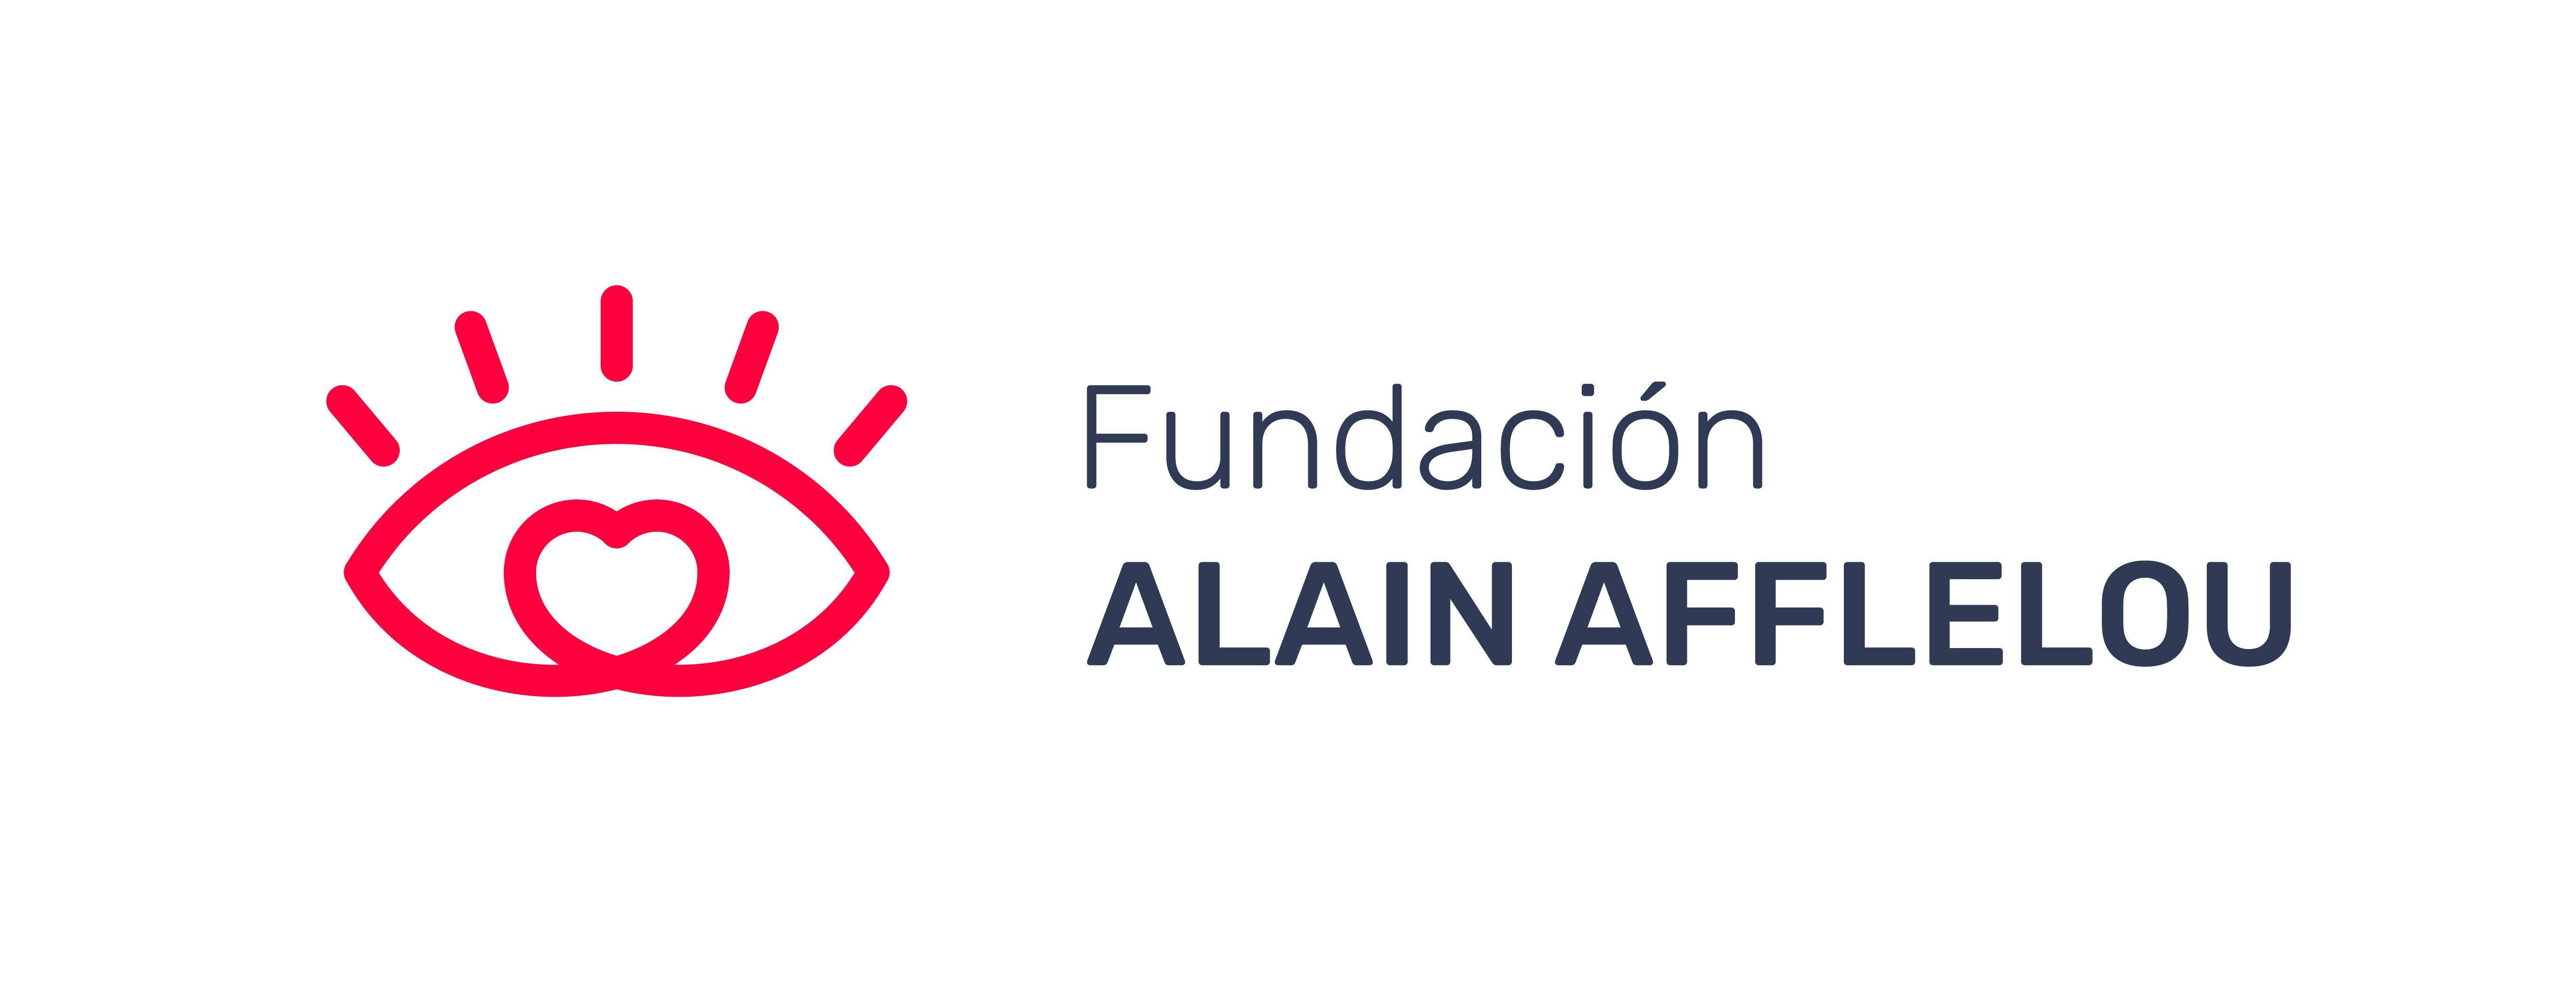 Logo Fundación Alain Afflelou